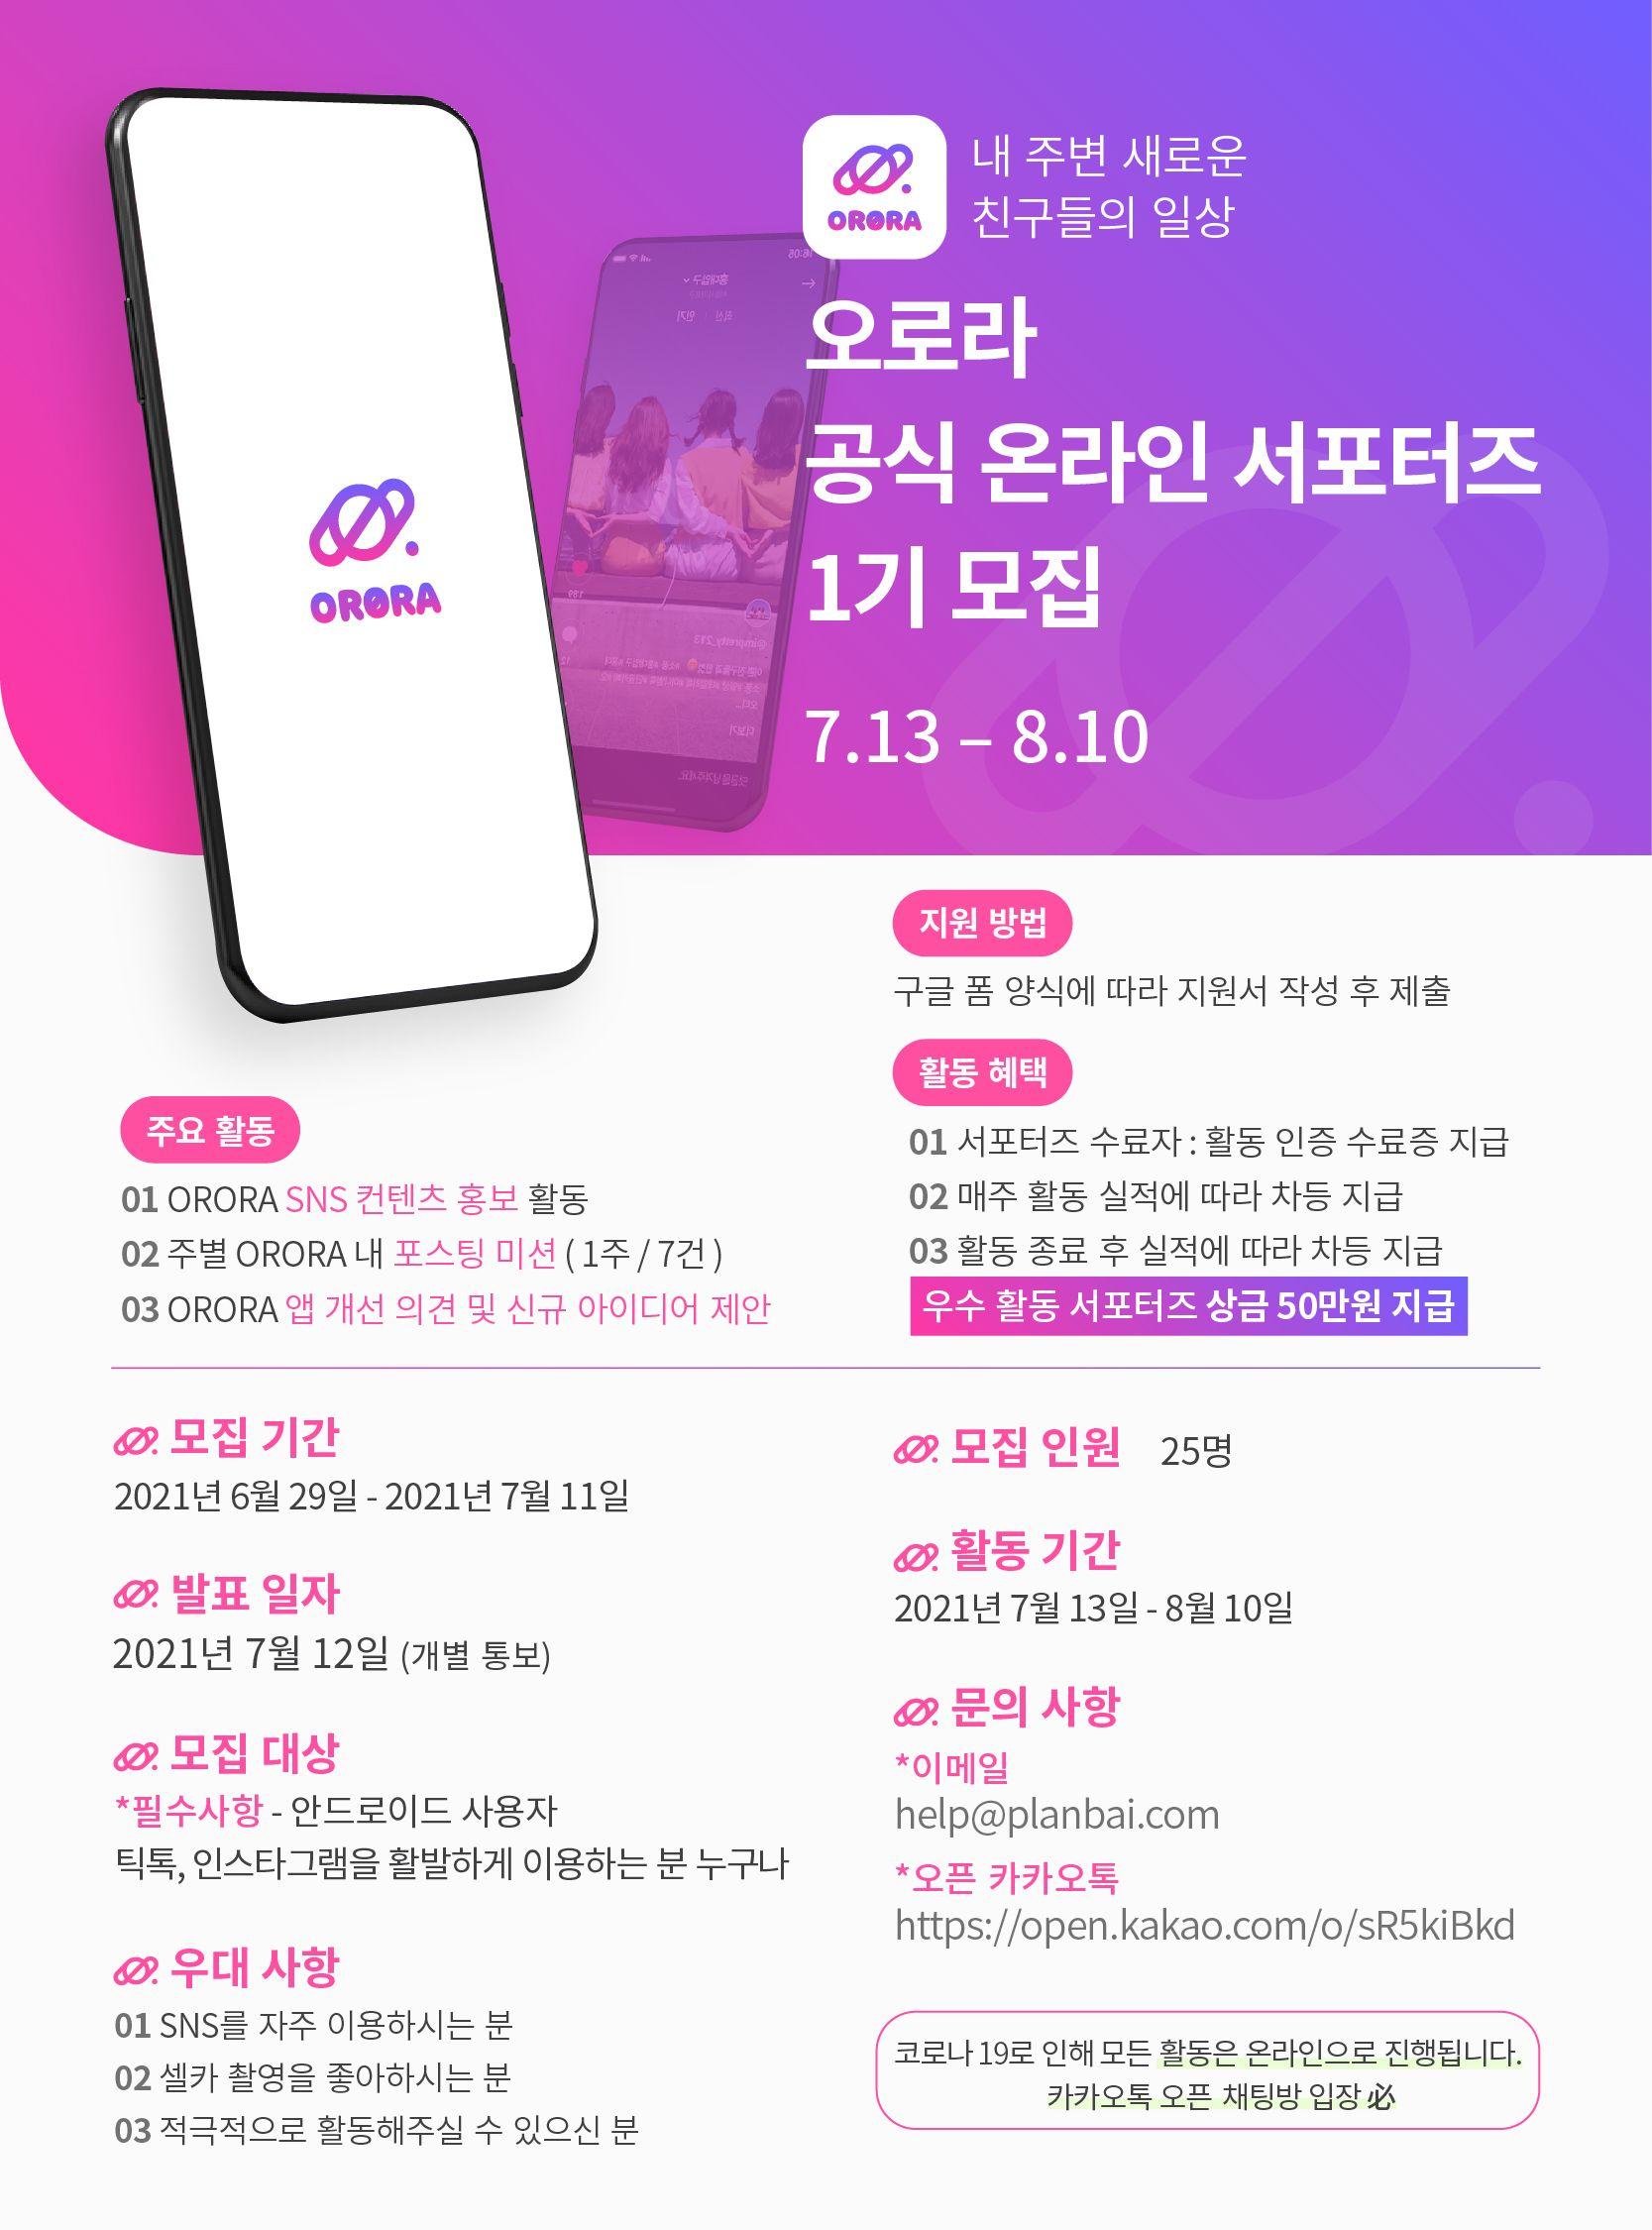 (주)플랜베이 지역 기반 SNS app 오로라 앱, 공식 서포터즈 1기 모집